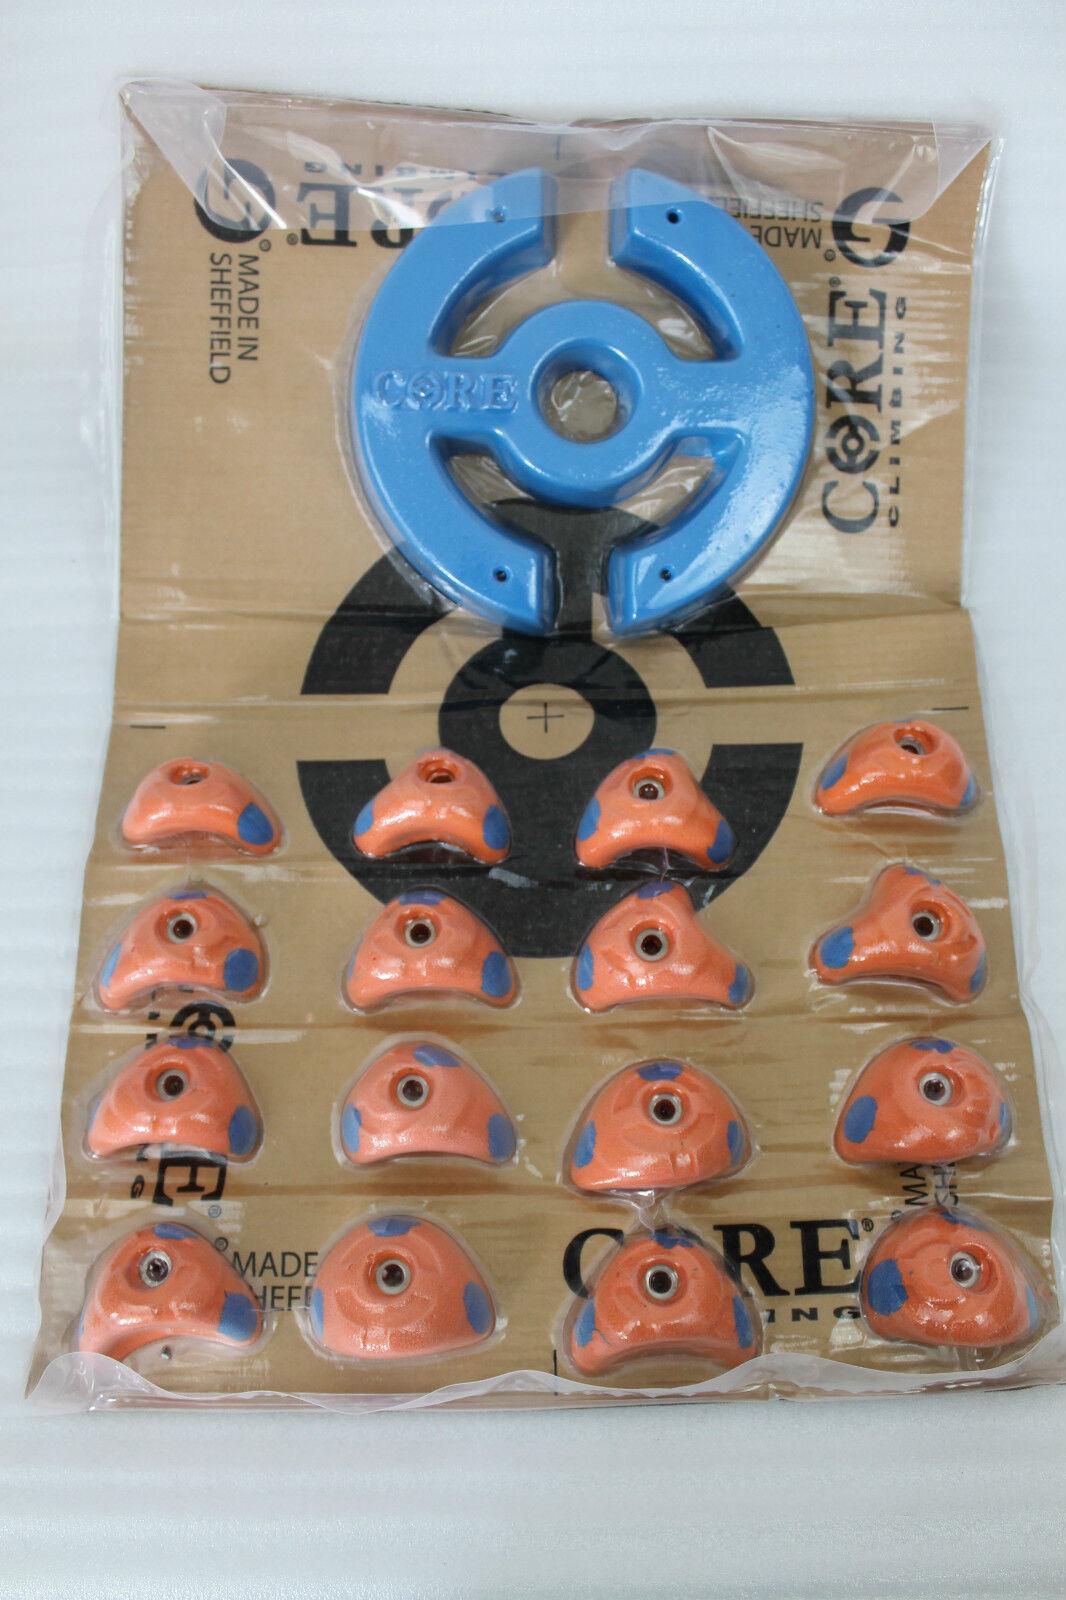 Core Climbing Arrampicata Manici 16 Pezzo SpezialKlettergriff Arancione Blu